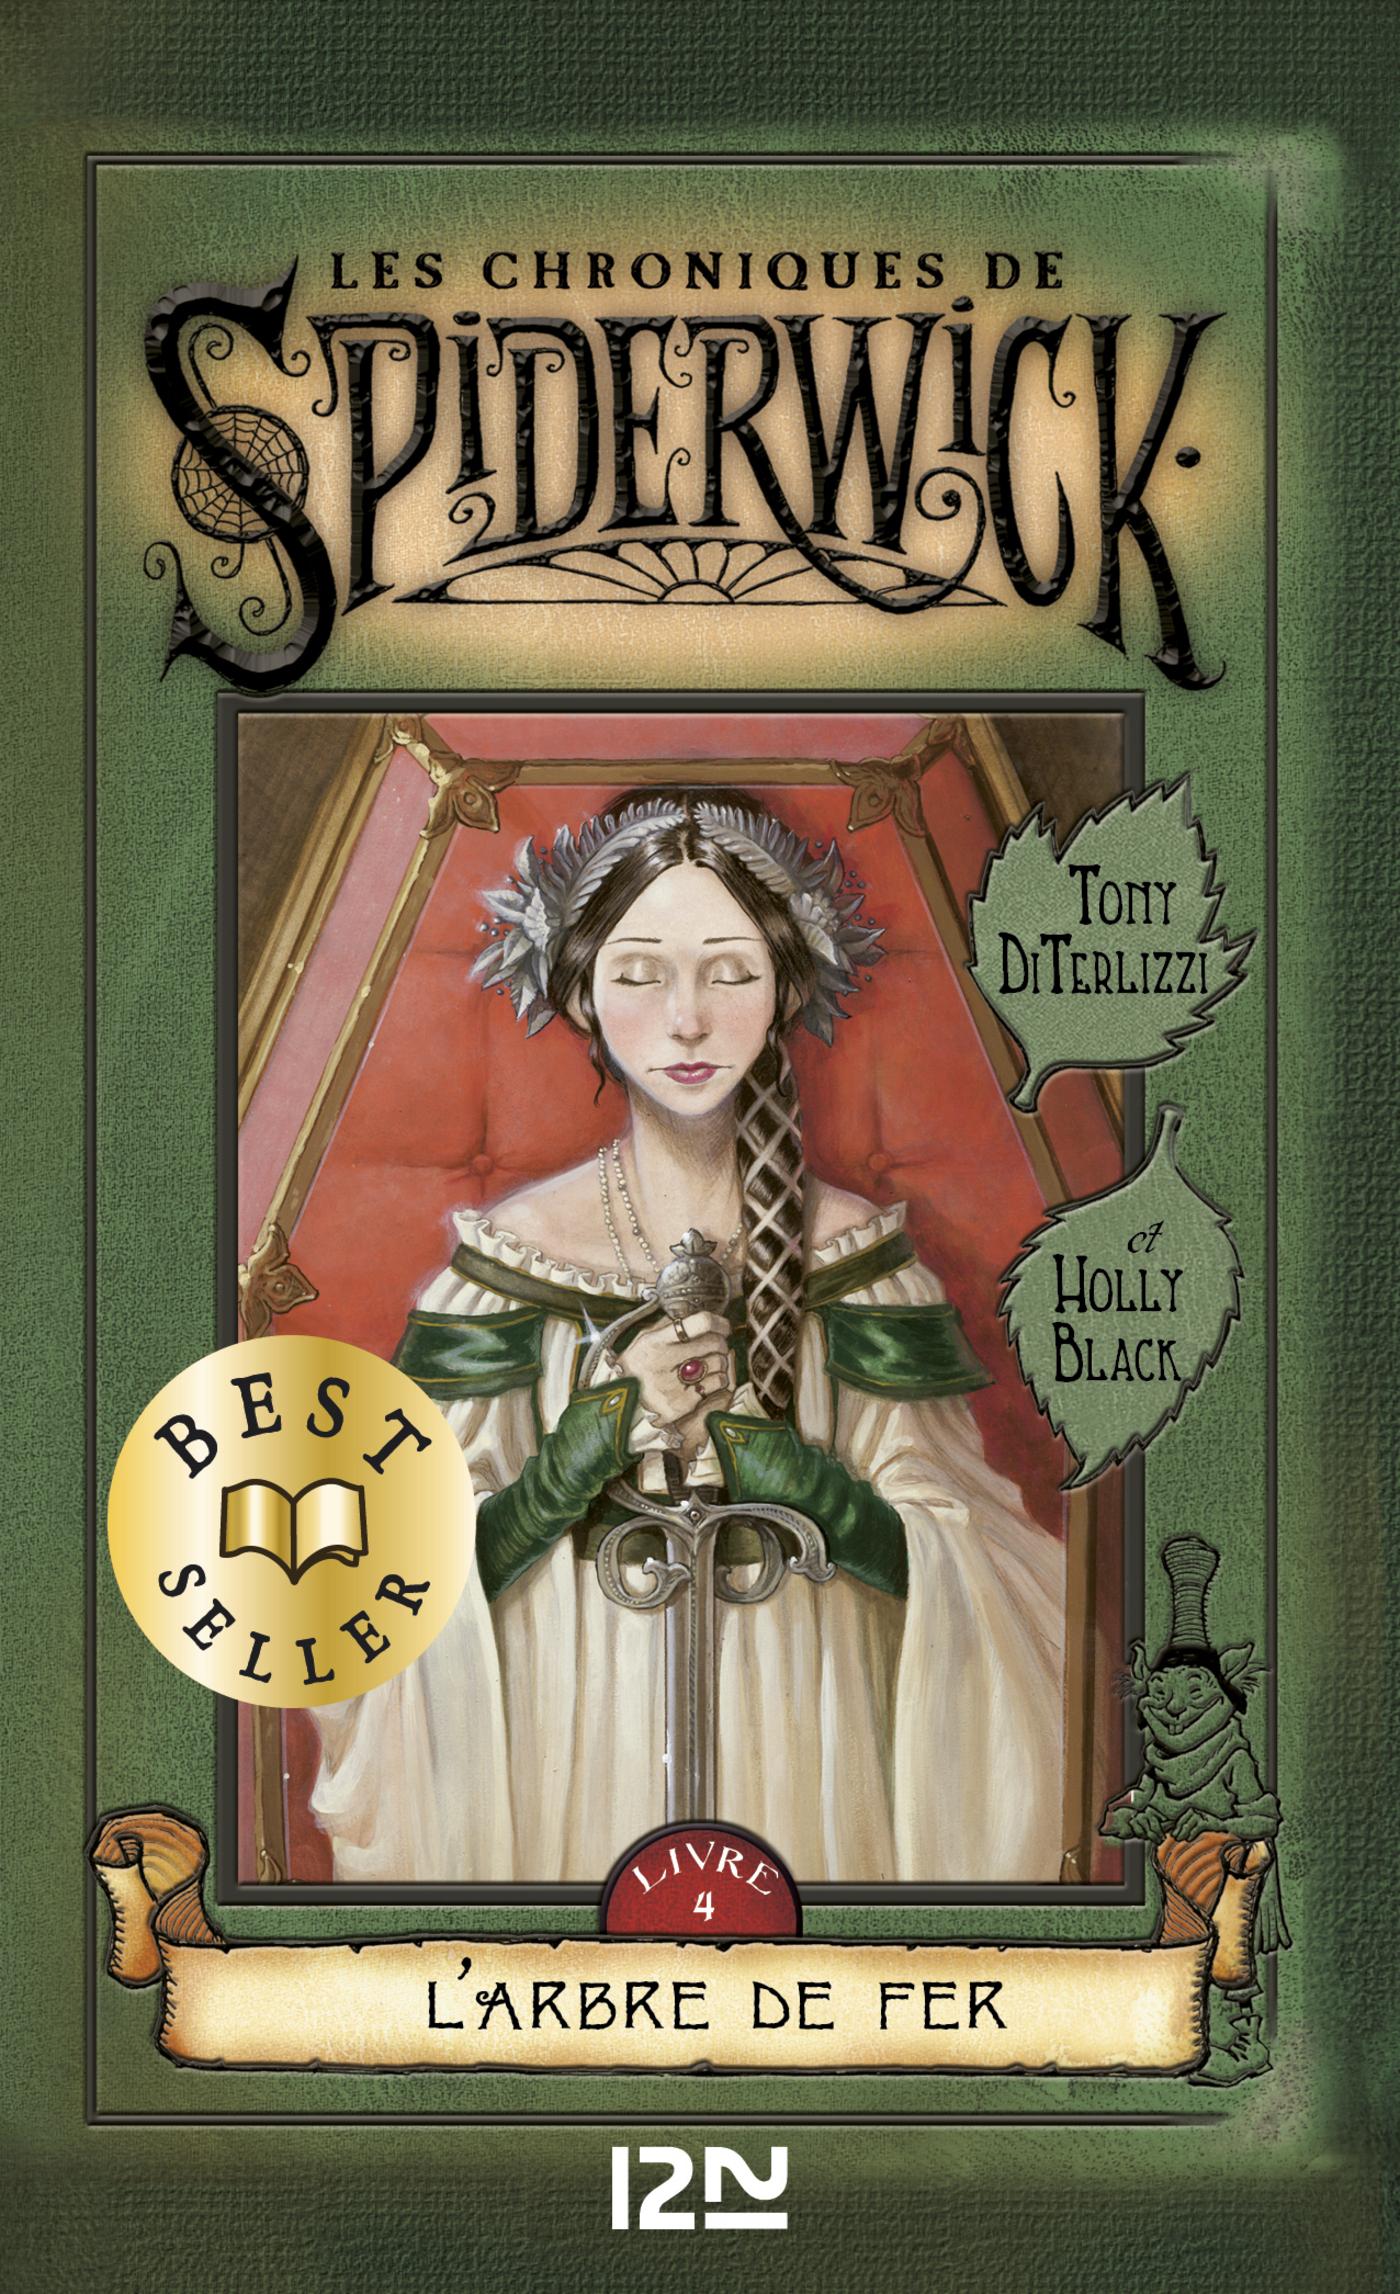 Les chroniques de Spiderwick - tome 4, L'ARBRE DE FER